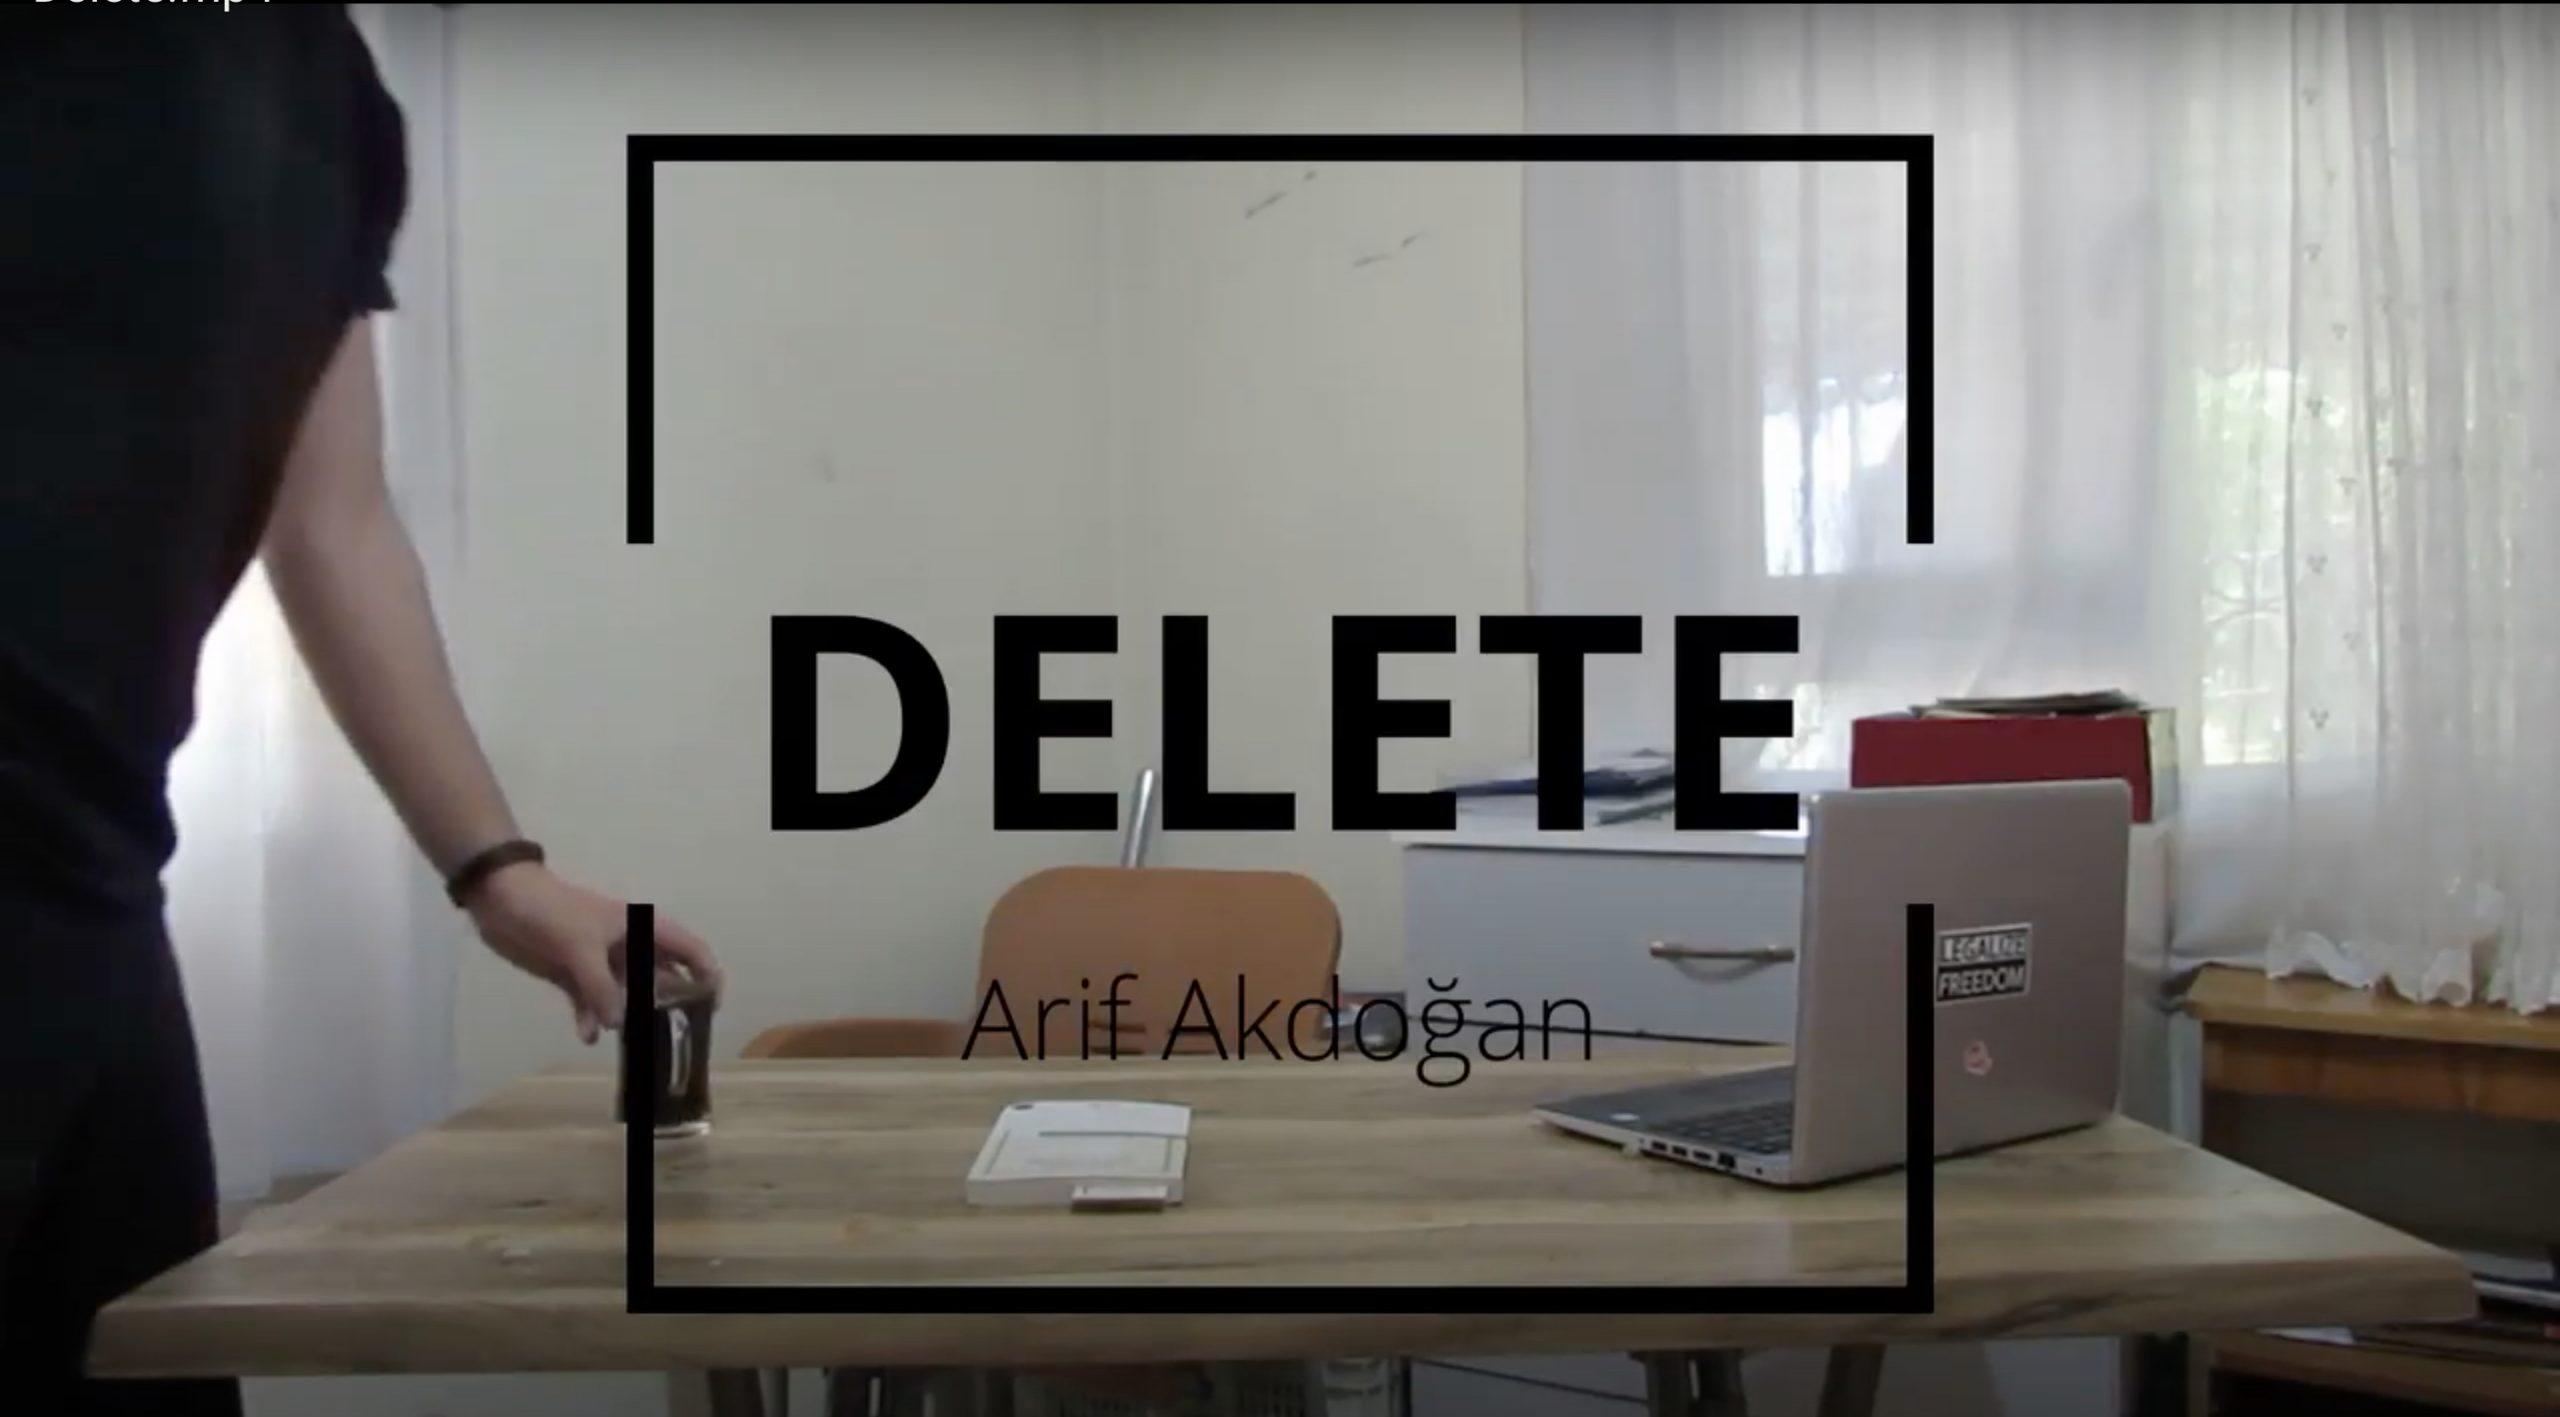 arif_akdogan_delete-scaled